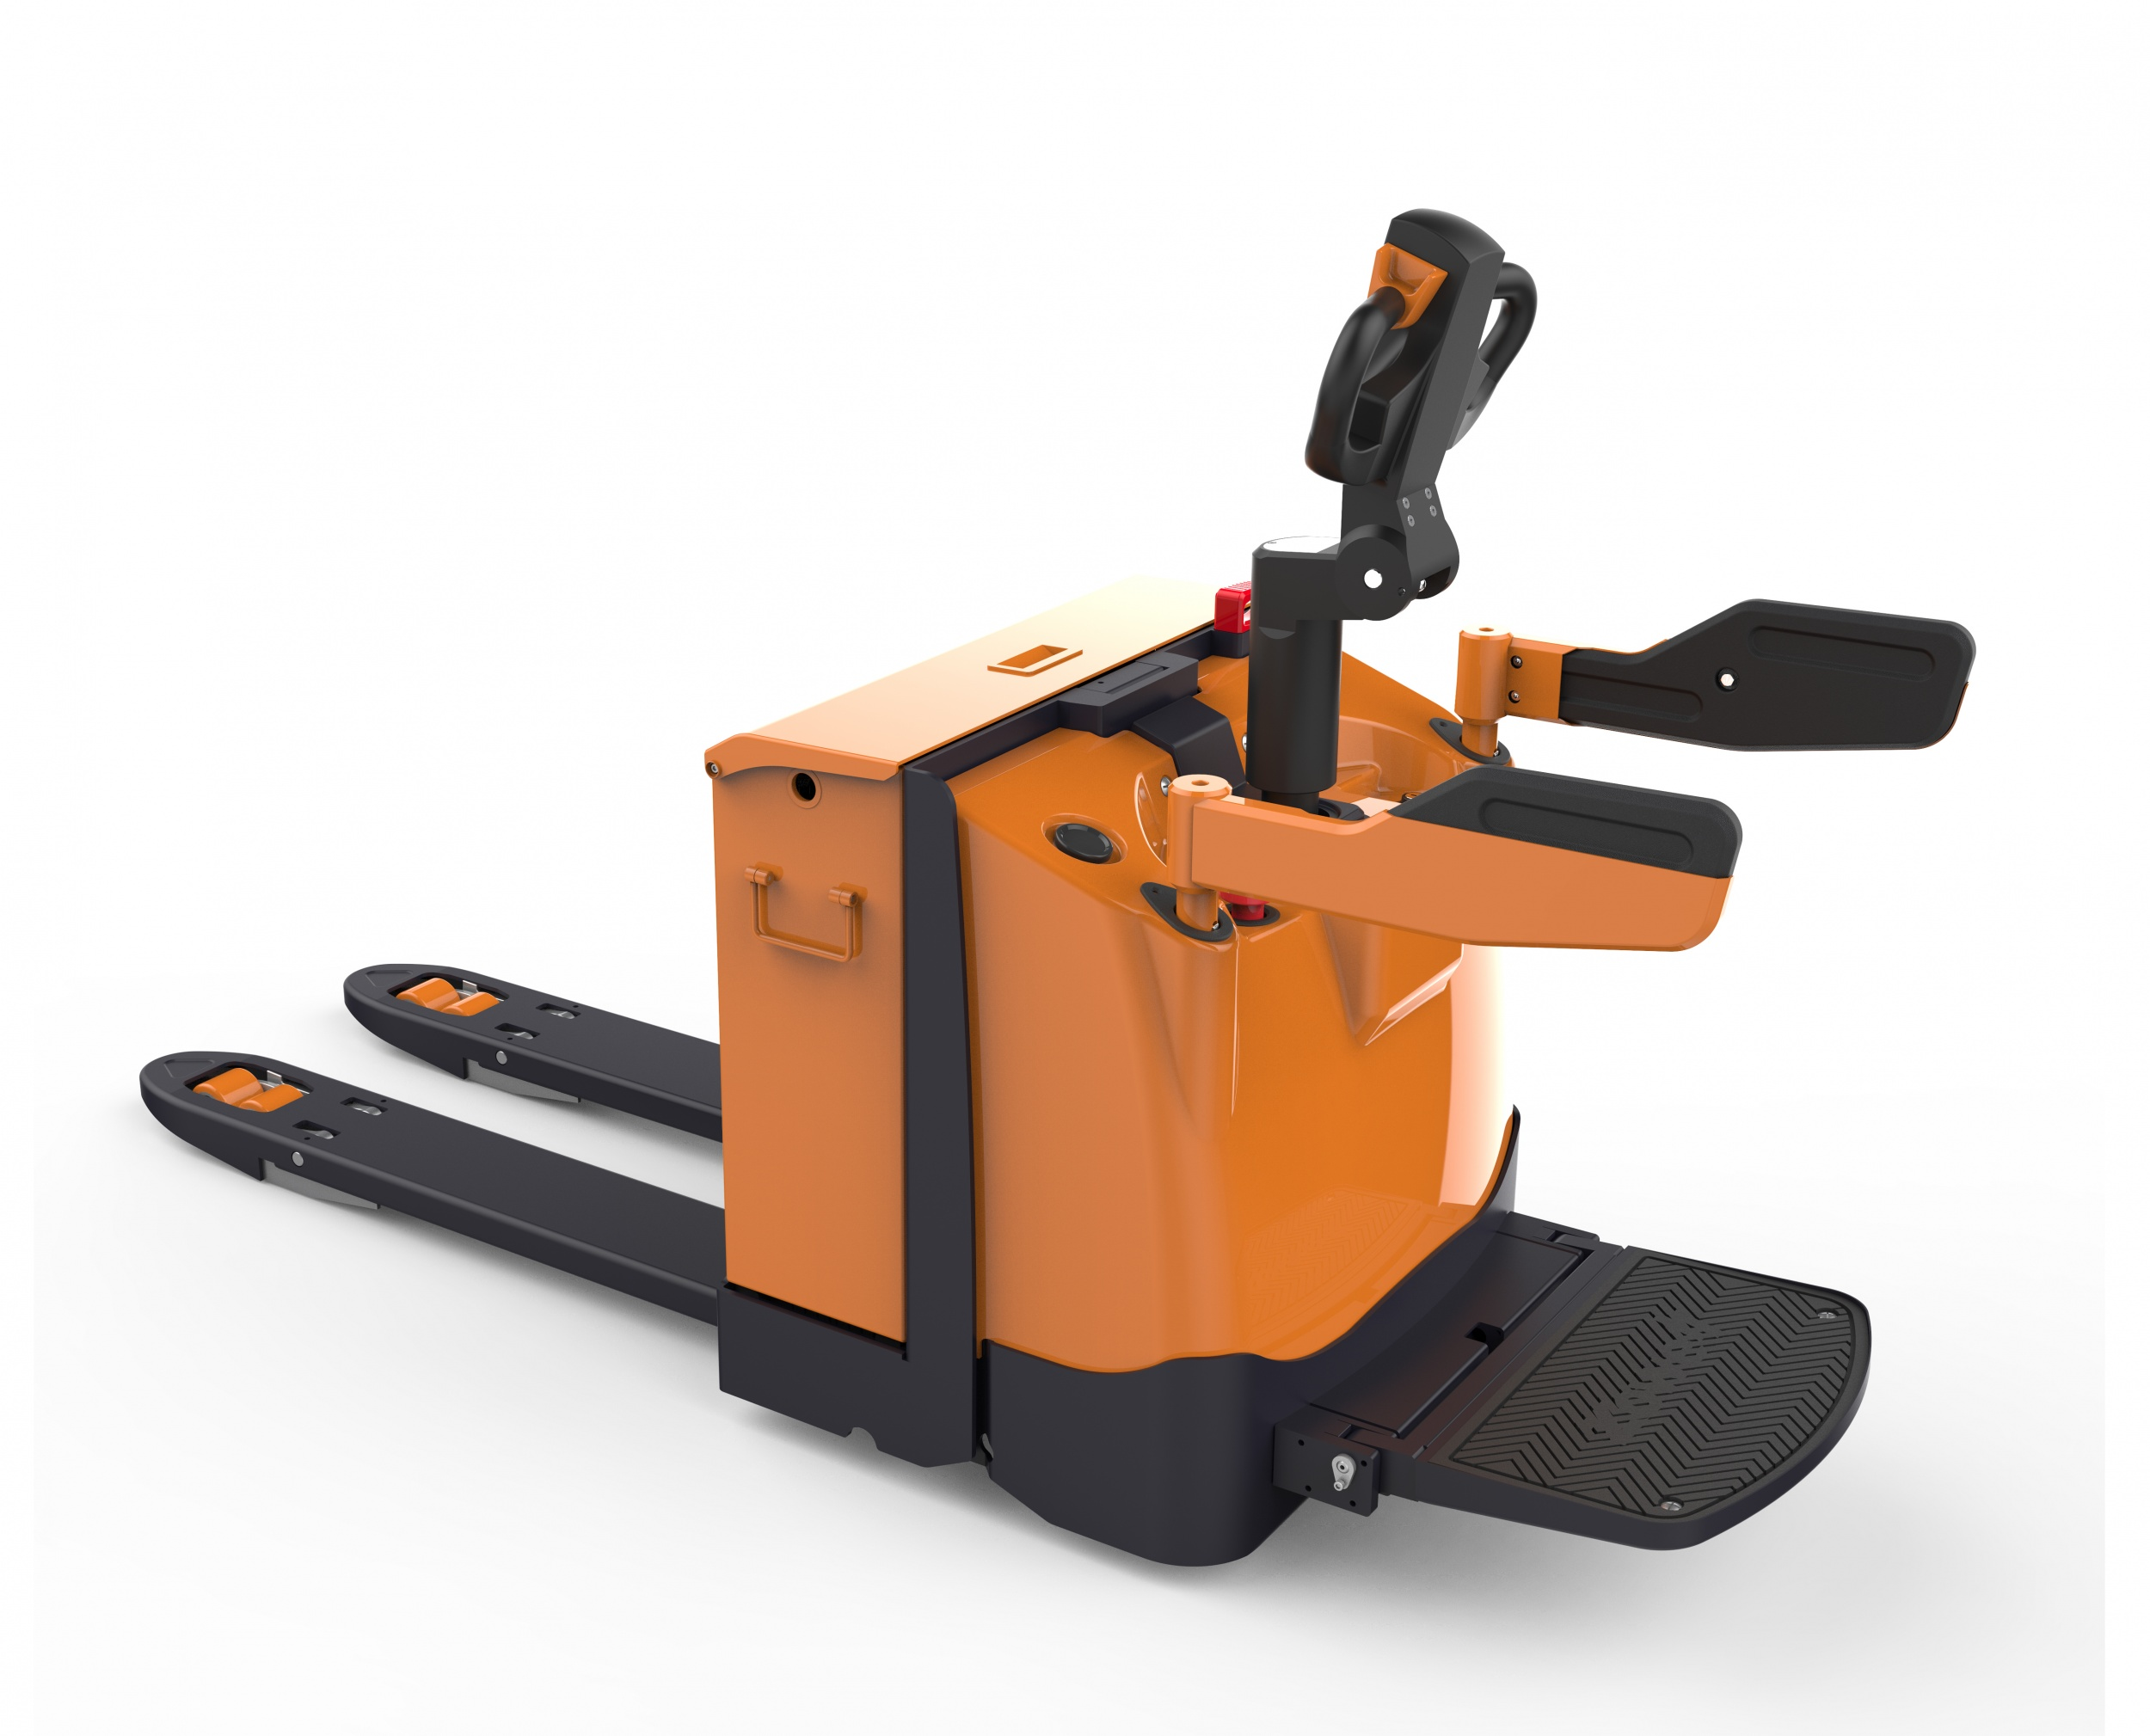 永合力——电动搬运车电瓶的保养和使用规范